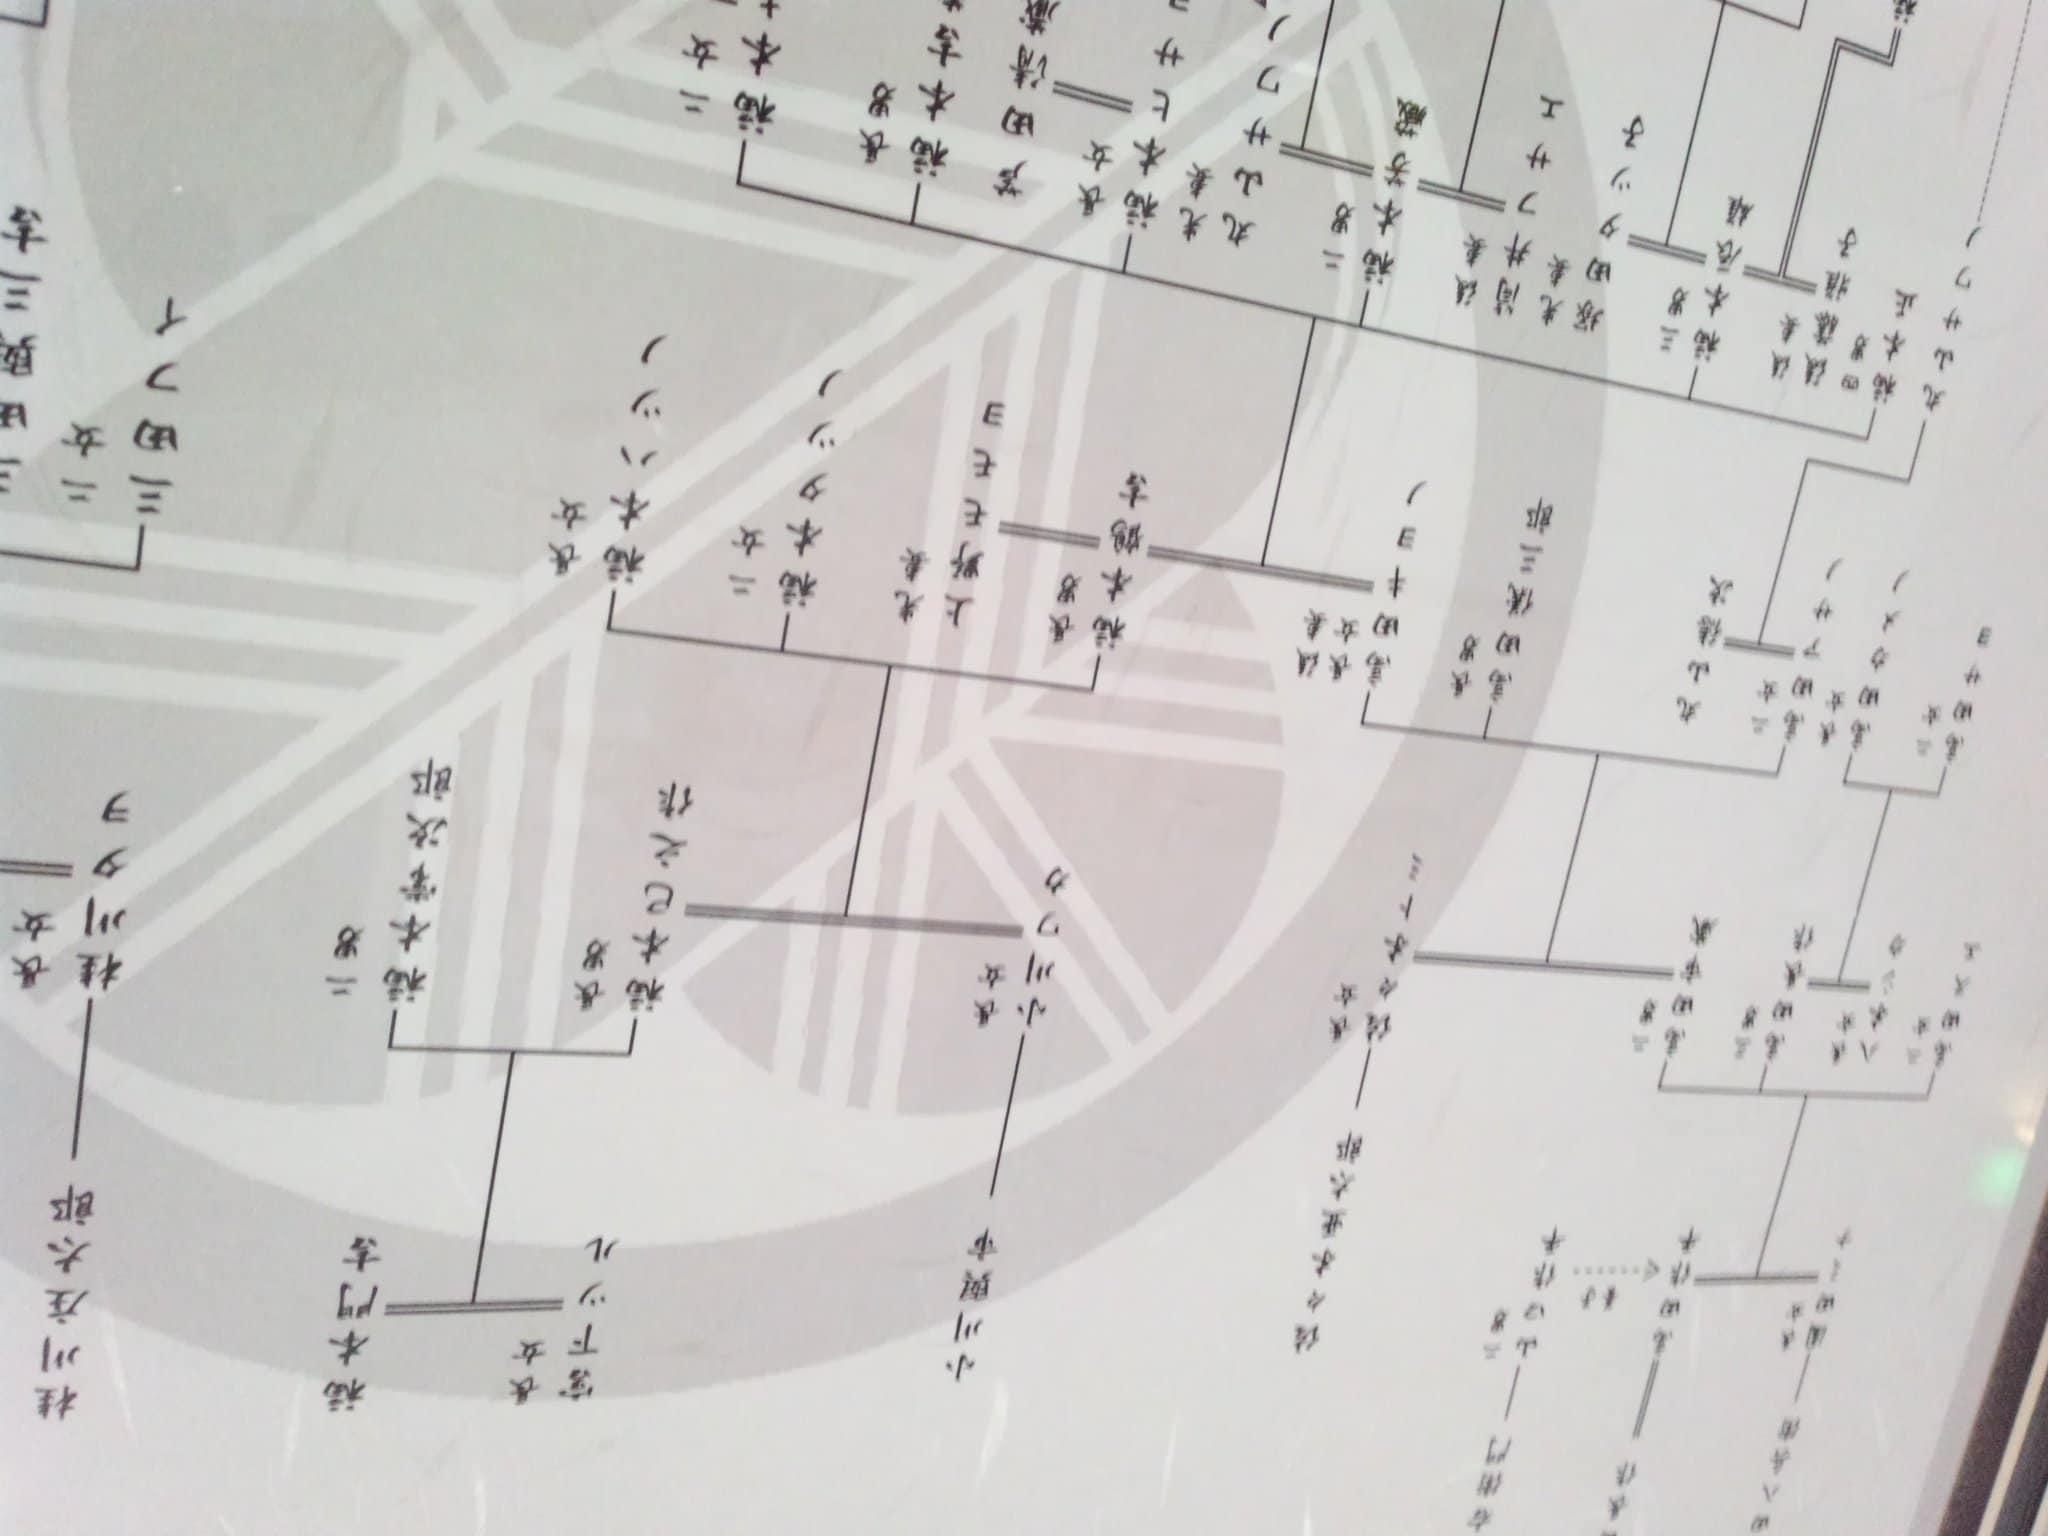 歴史調査士が作る!あなたのルーツをたどる200年本格家系図作成チケット(2系統)のイメージその3